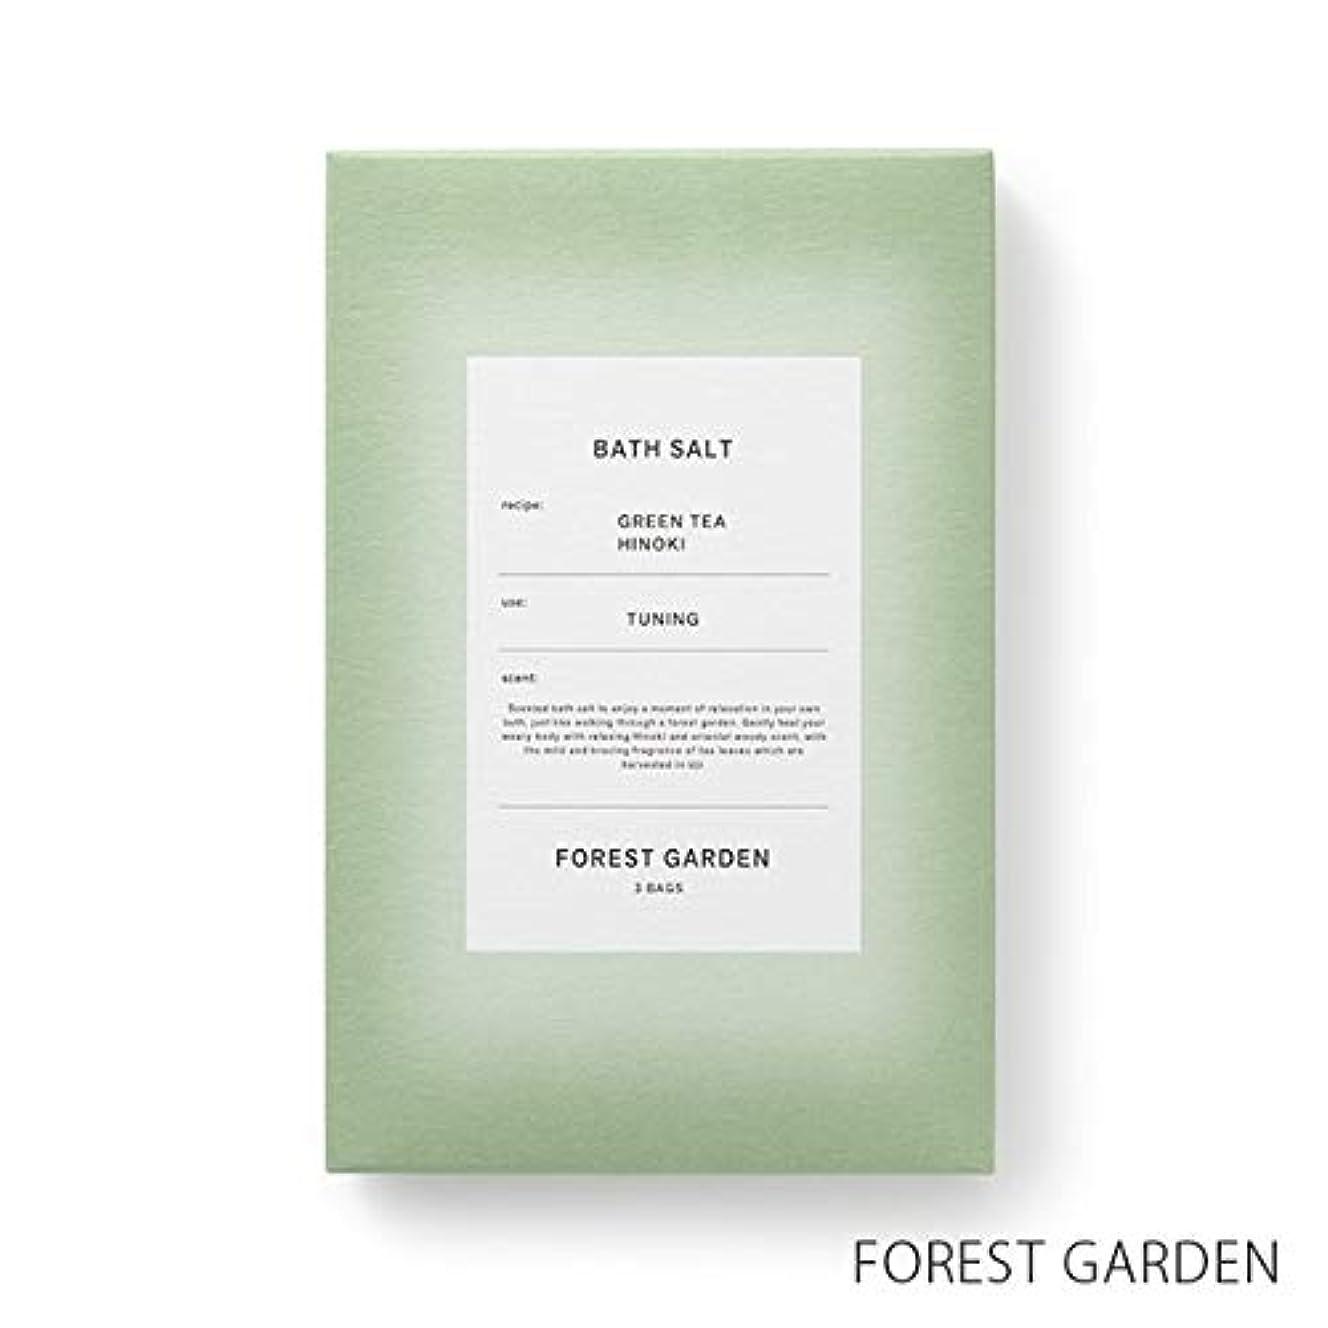 成長するペグ明らかに【薫玉堂】 バスソルト FOREST GARDEN 森の庭 緑 和 宇治茶の香り